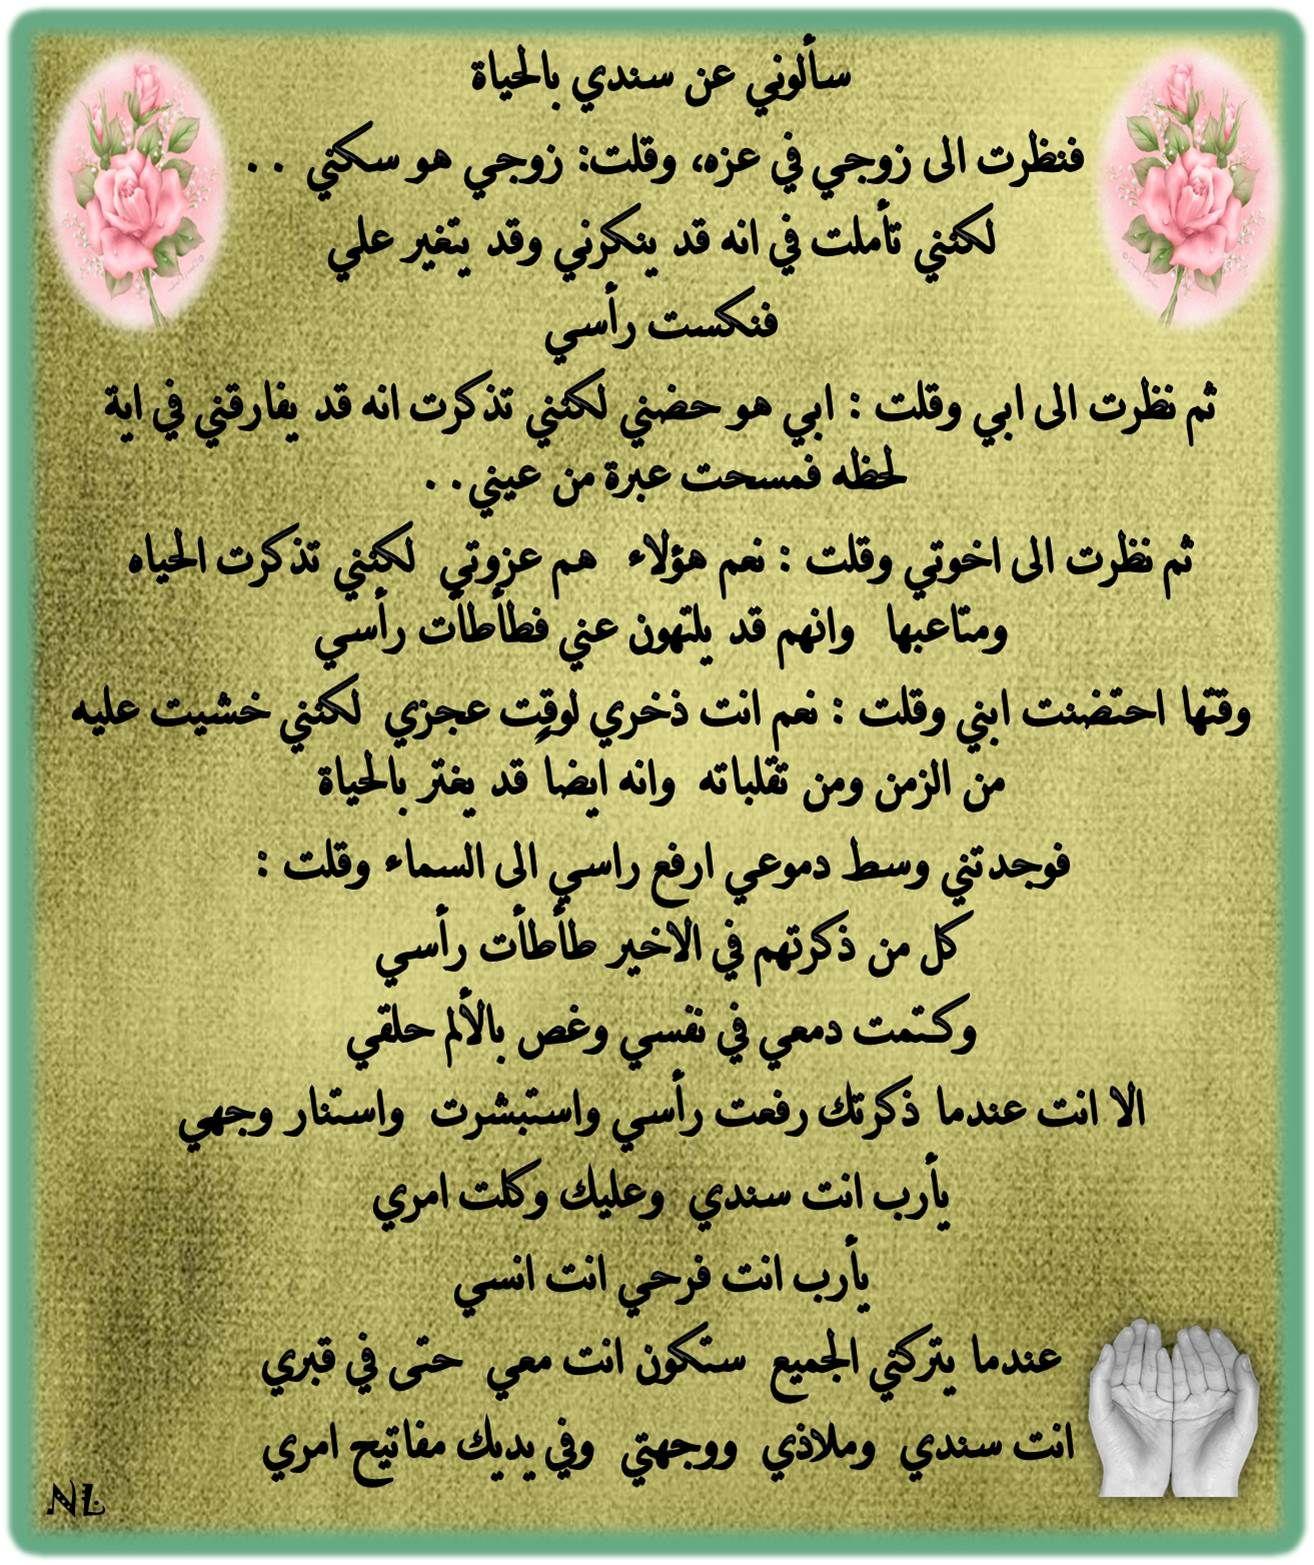 سألوني عن سندي بالحياة فنظرت الى زوجي في عزه وقلت زوجي هو سكني لكنني تأملت في انه قد ينكرني وقد يتغير علي فنكست رأسي ثم نظرت الى Quotes Words Islam Quran